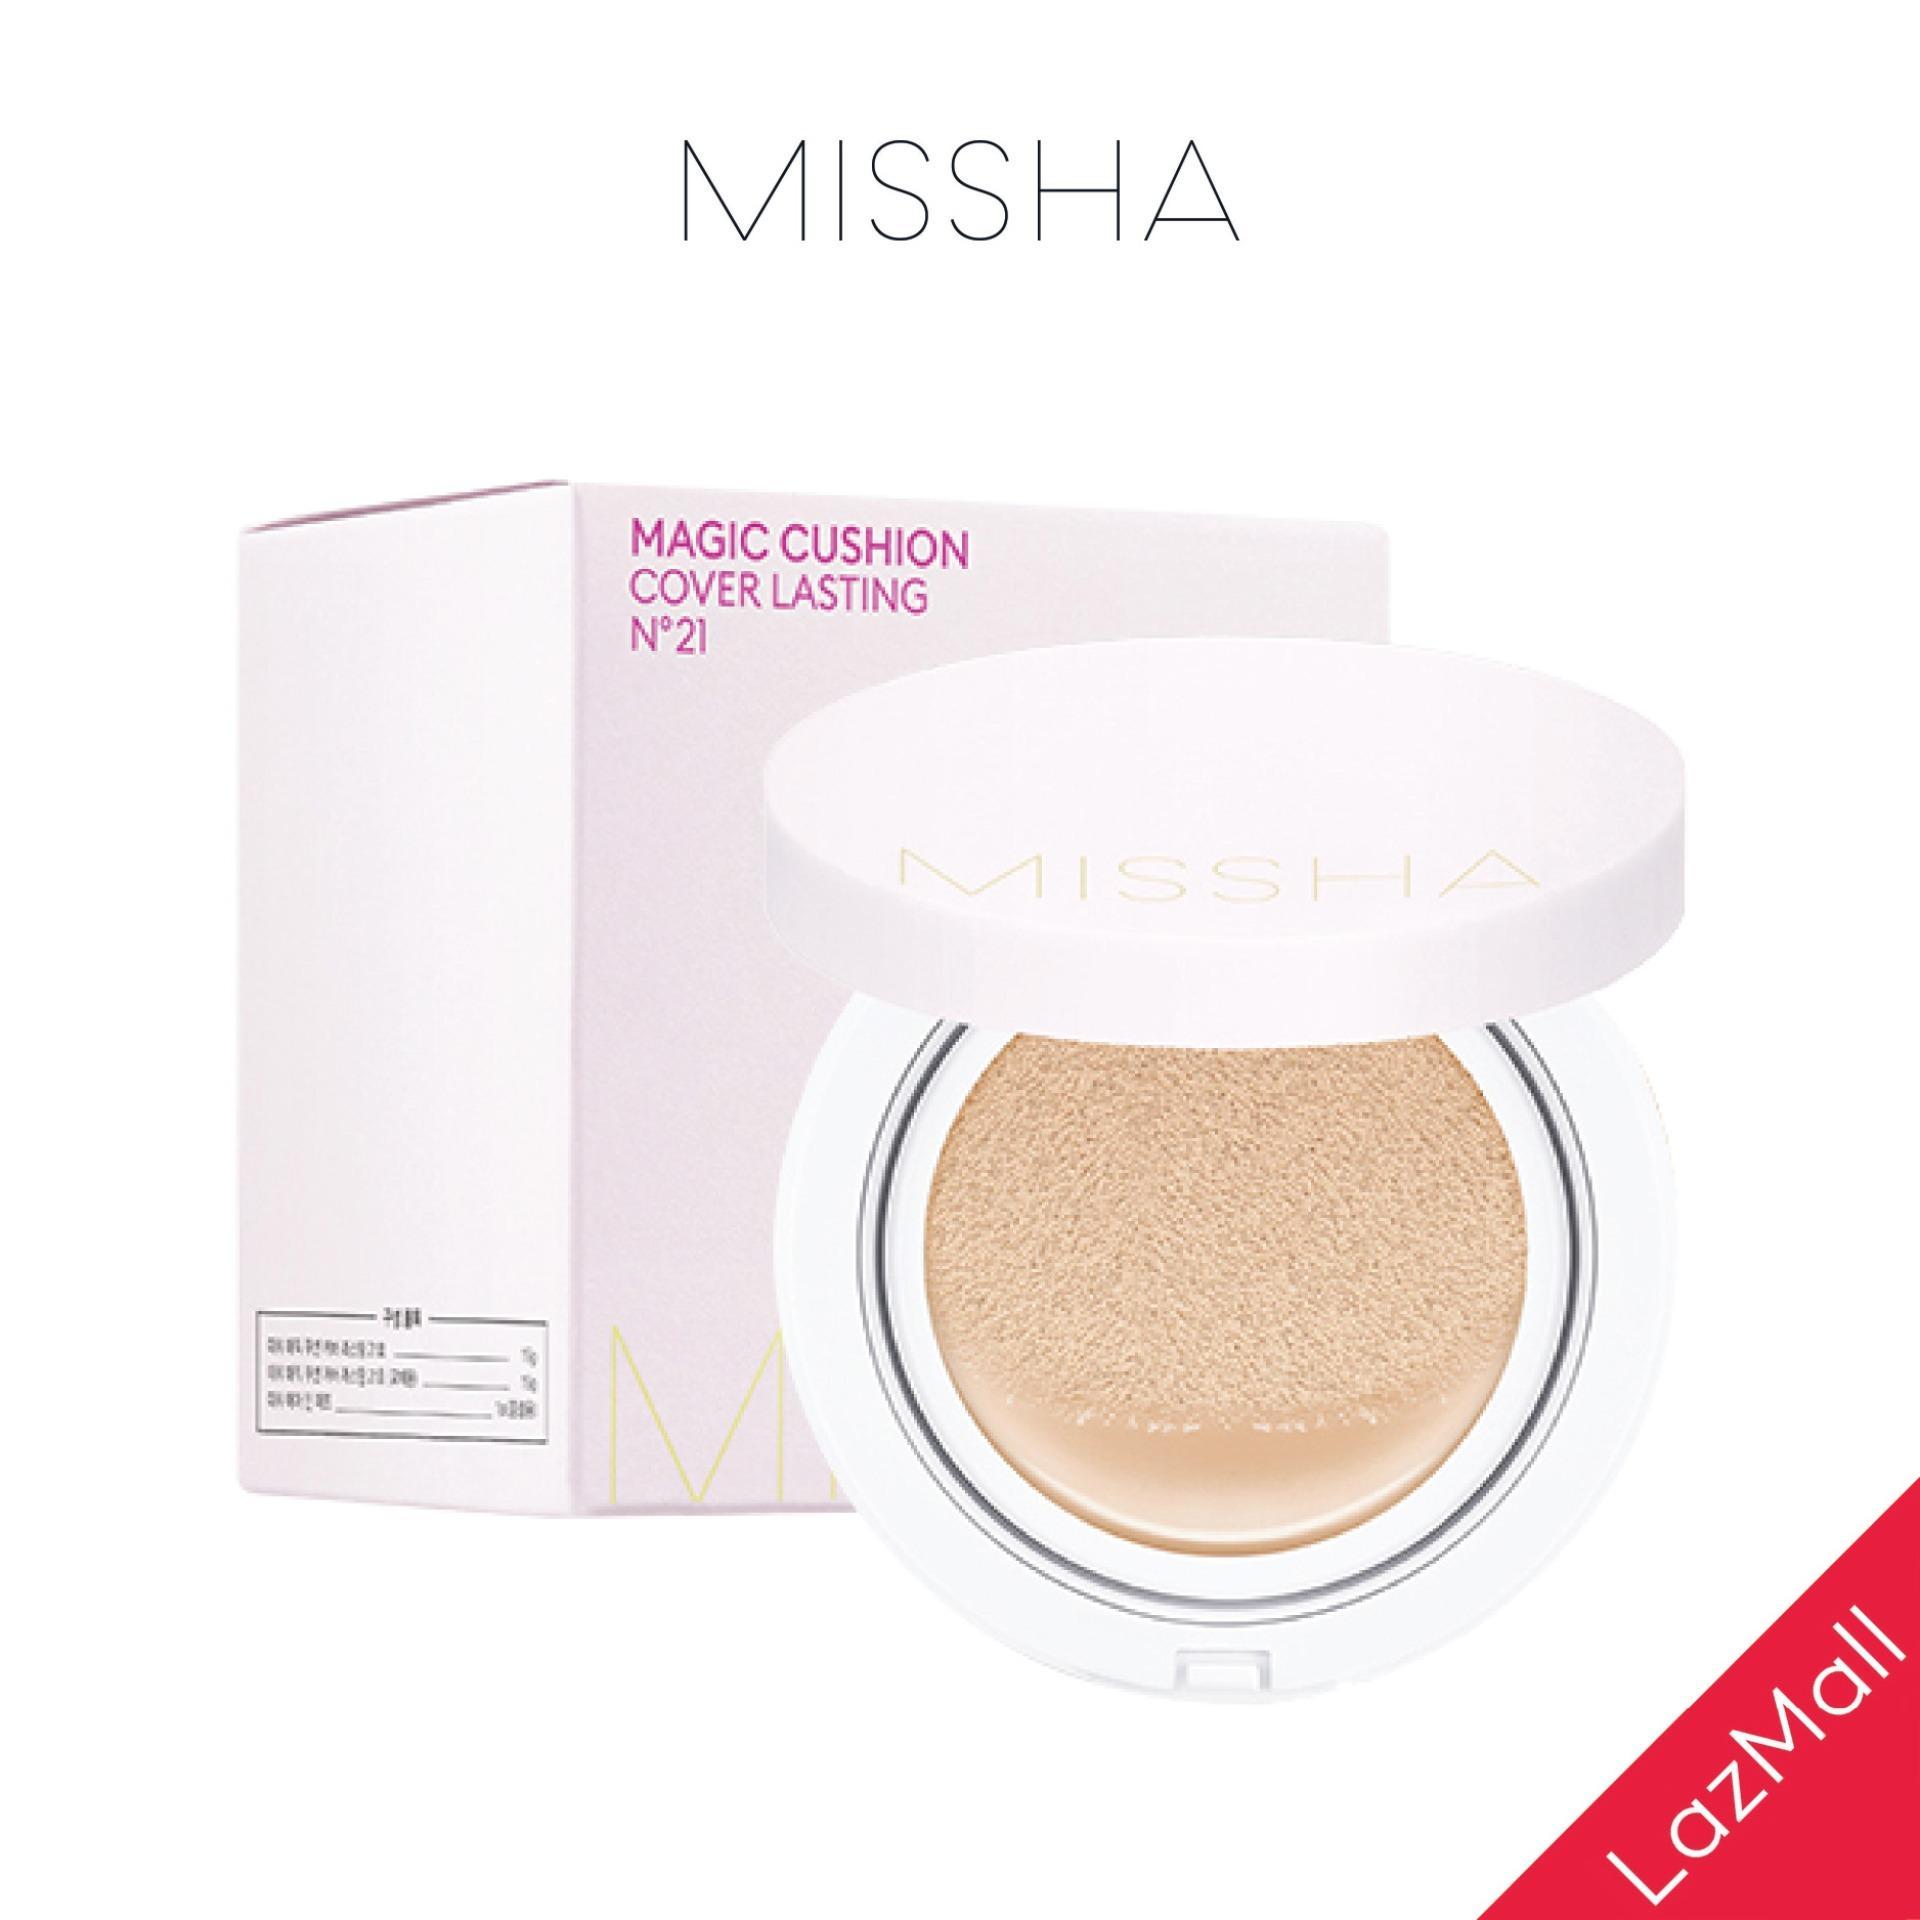 Phấn Nước Che Phủ Hoàn Kiềm Dầu Missha M Magic Cushion Cover Lasting SPF50+/PA+++ 15g tốt nhất